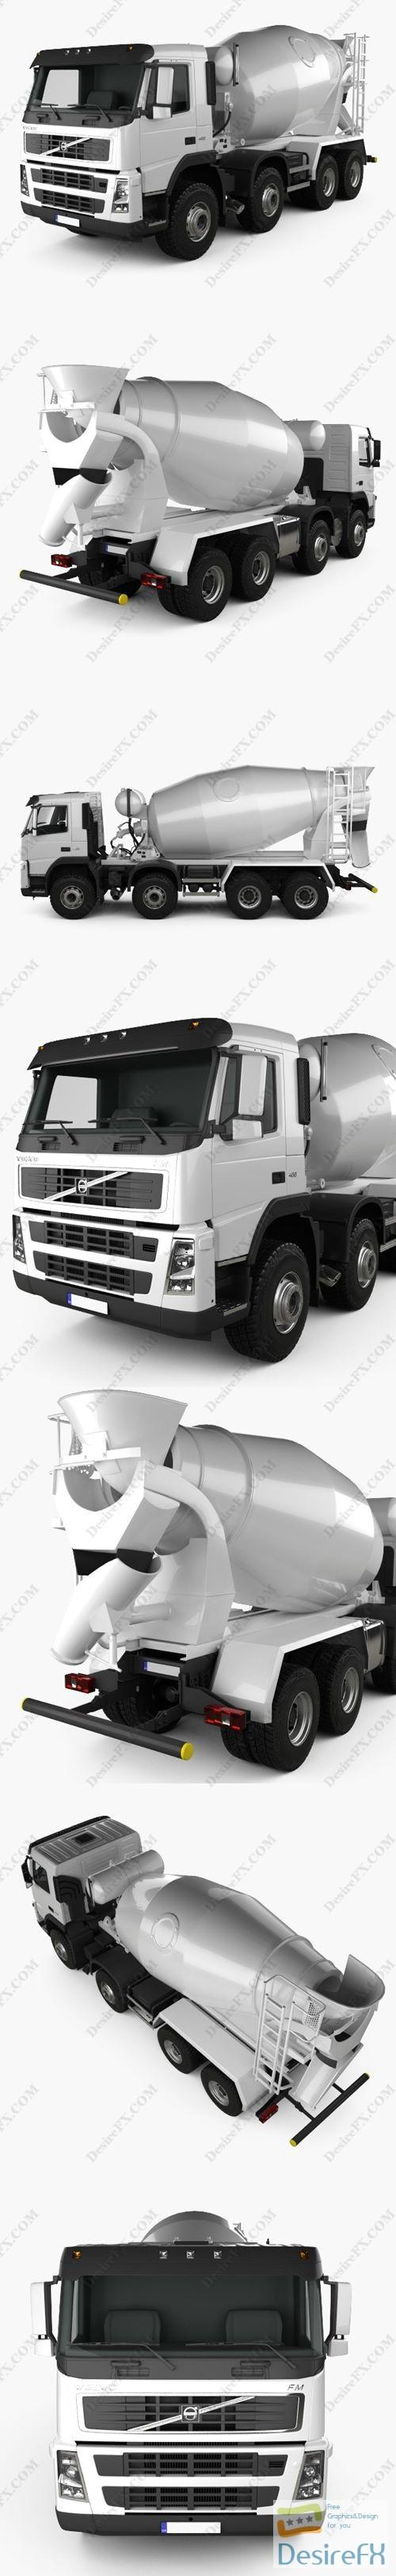 Volvo FM Truck 8x4 Mixer 2010 3D Model